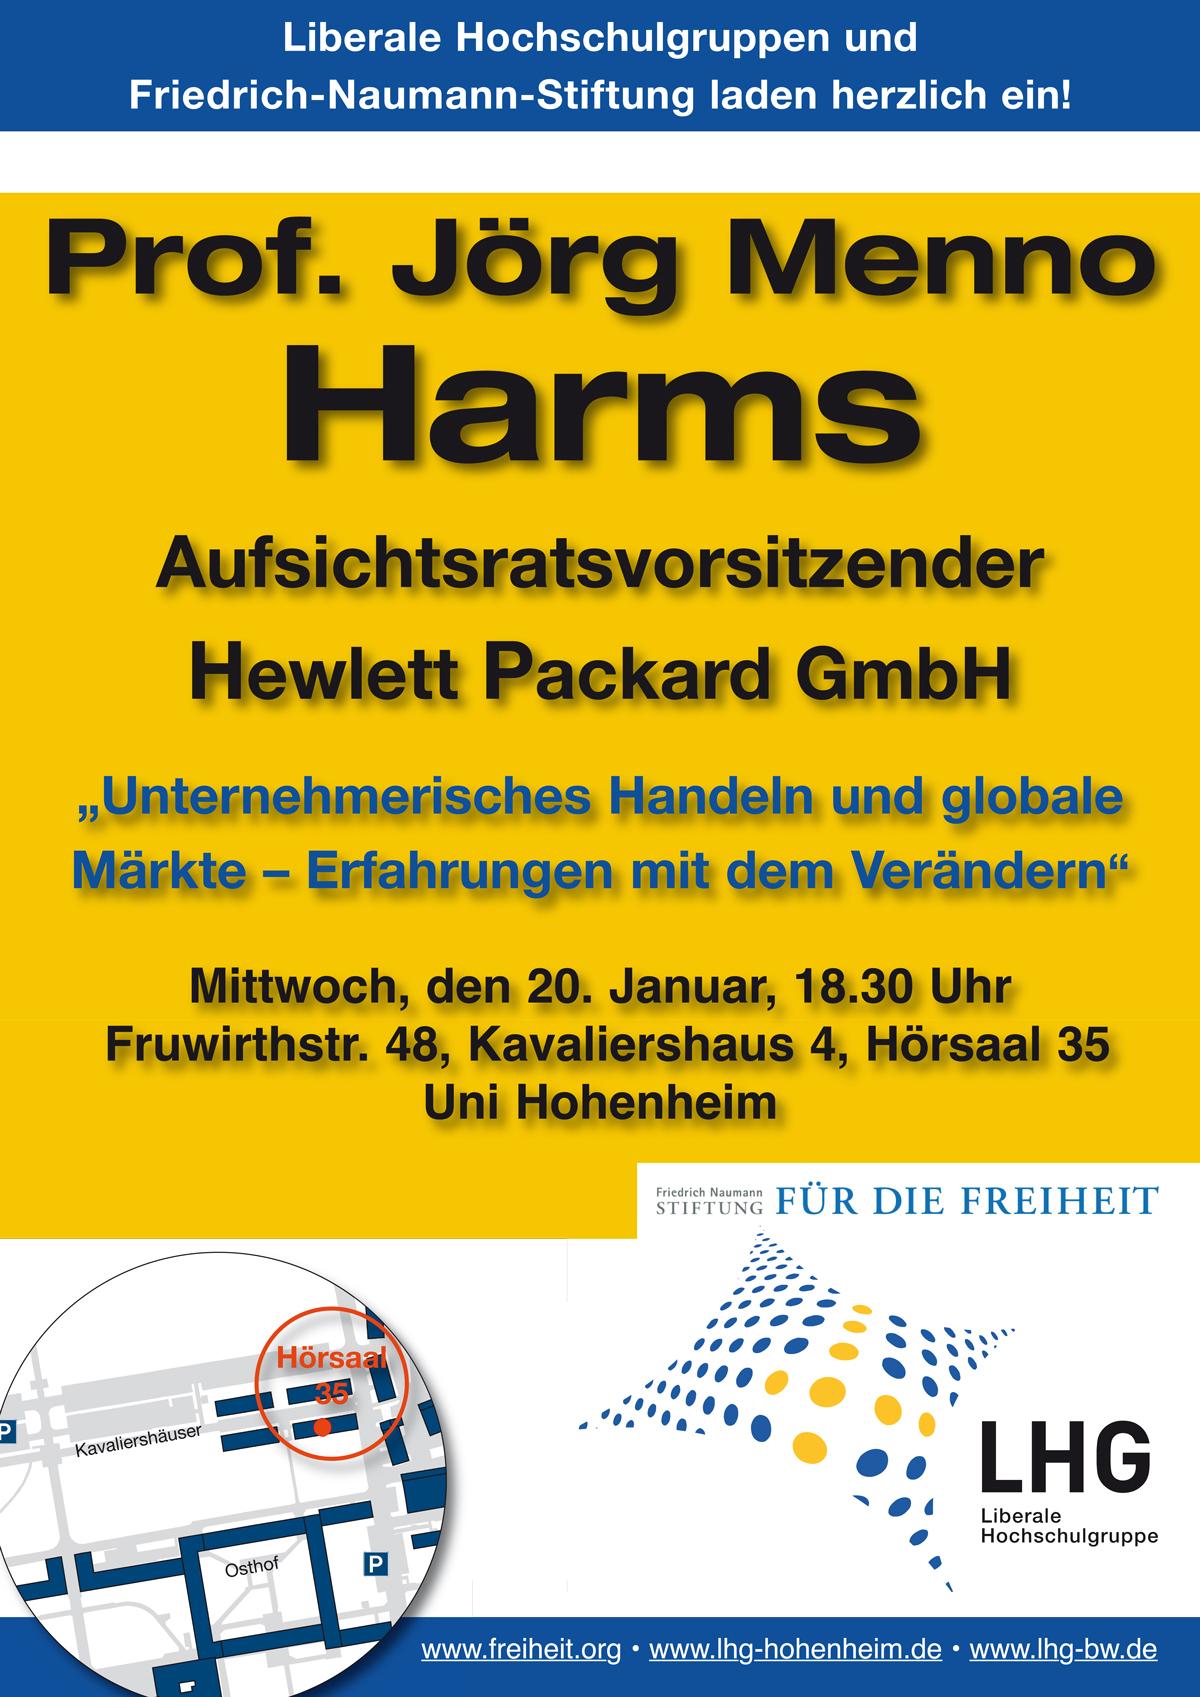 LHG-BW: Veranstaltung mit Prof. Jörg Menno Harms